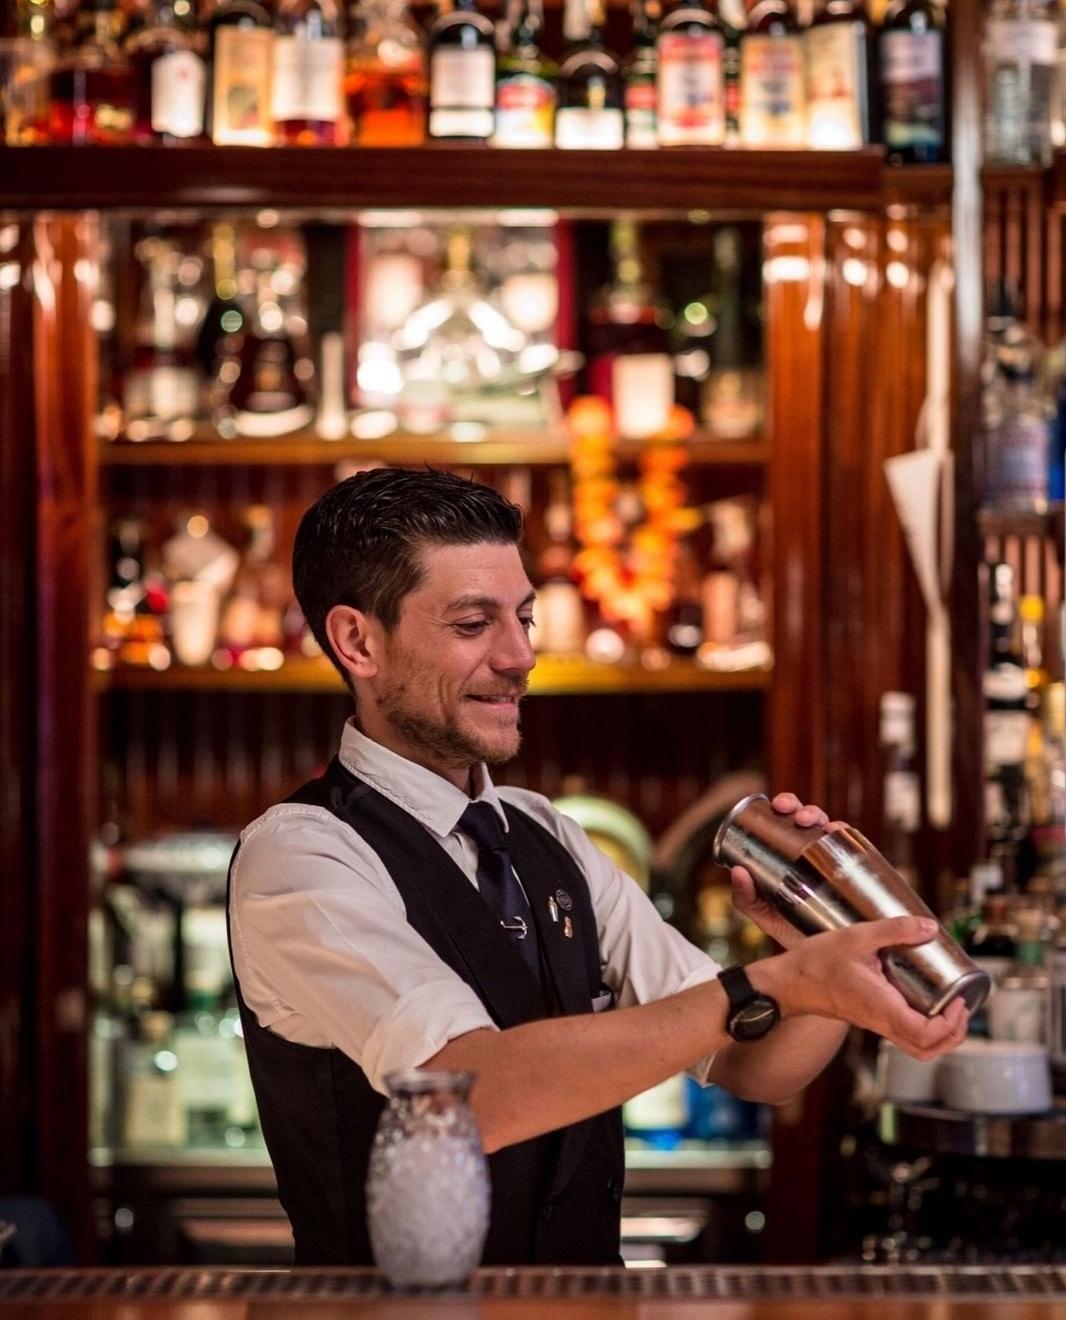 gabriele tammaro bartender